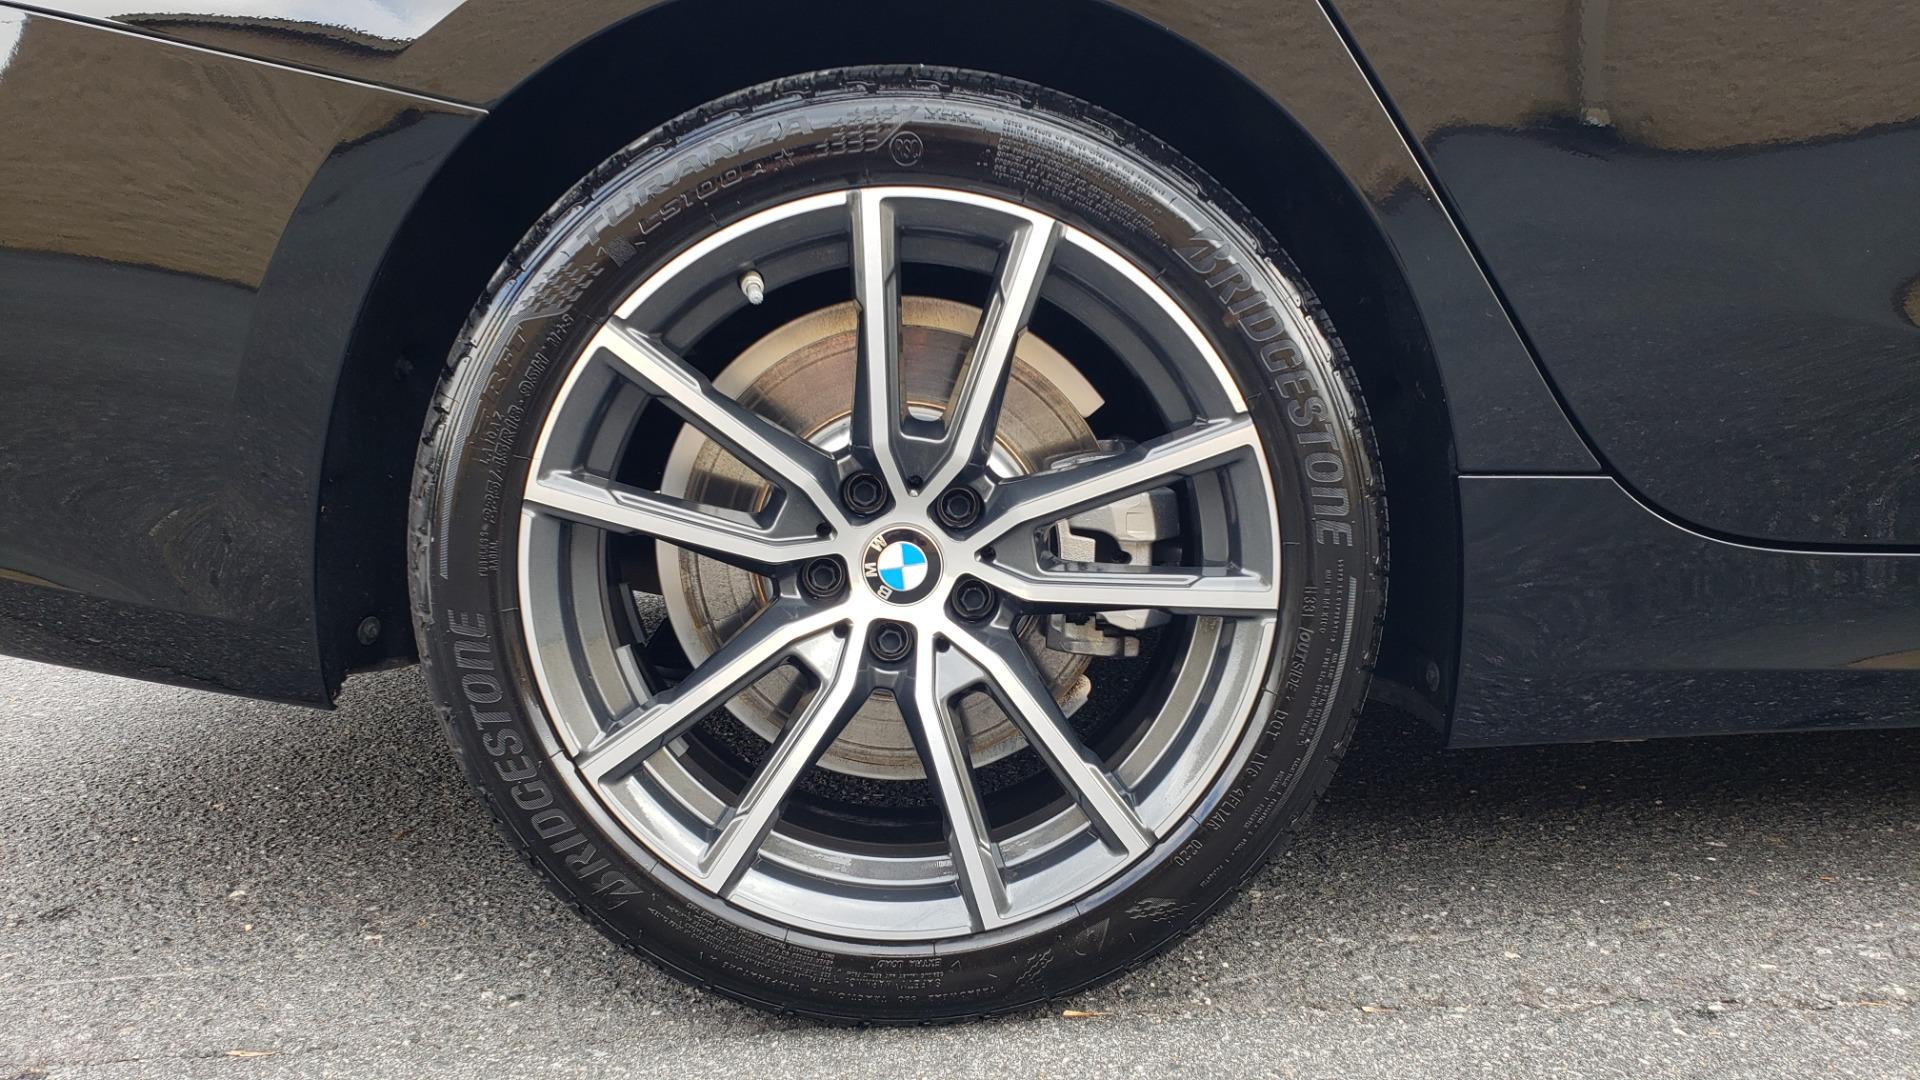 Used 2019 BMW 3 SERIES 330I PREM PKG / NAV / CONV PKG / H&K SND / LIVE COCKPIT PRO for sale Sold at Formula Imports in Charlotte NC 28227 85